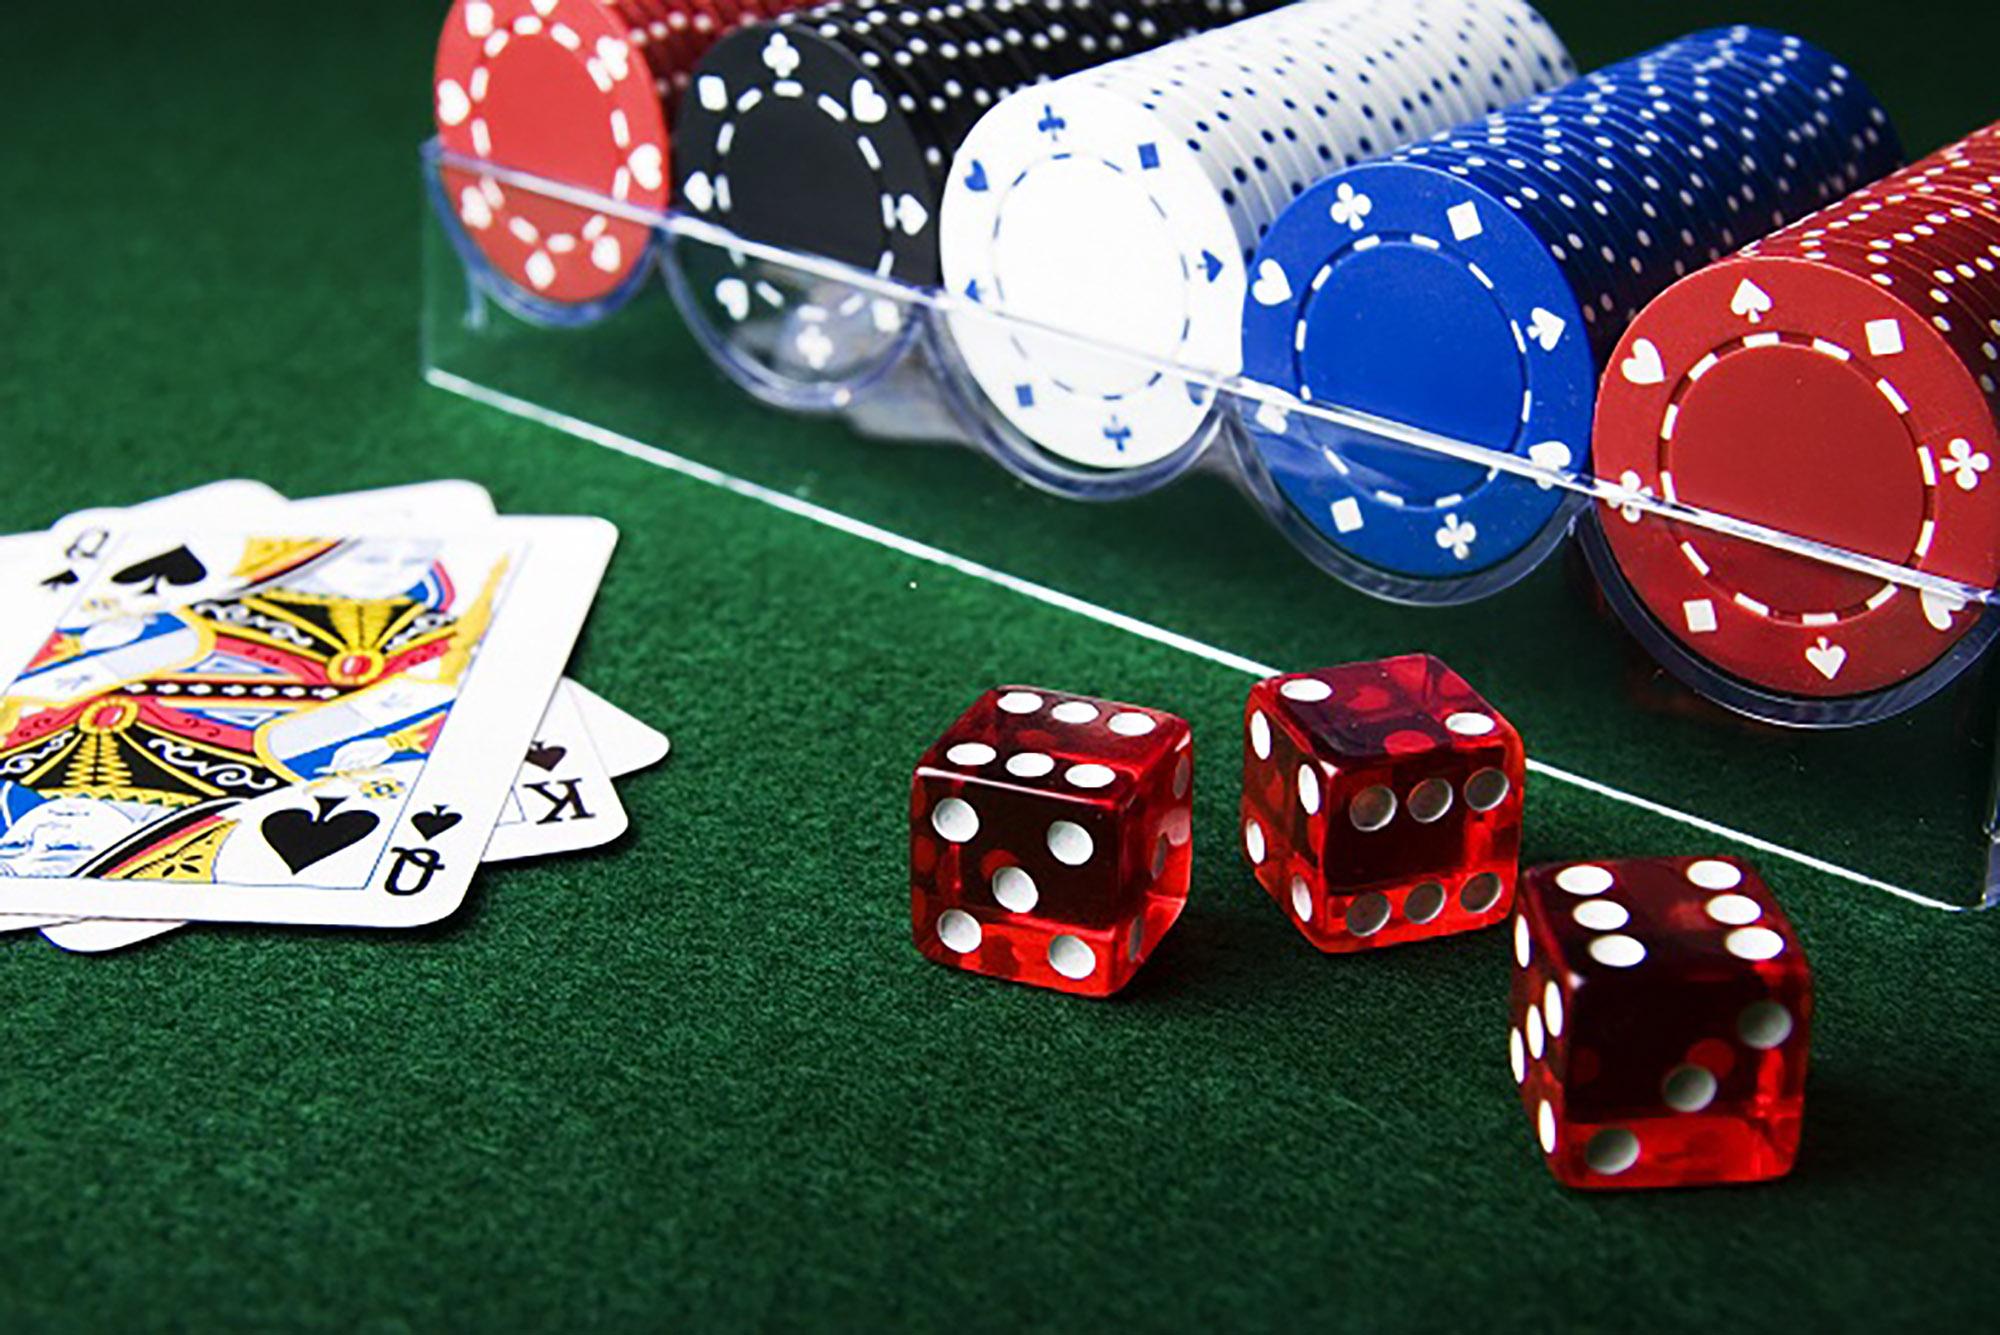 Игровые заведение Беларуси - обзор, рейтинг лучших и наши рекомендации по игре на реальные деньги.